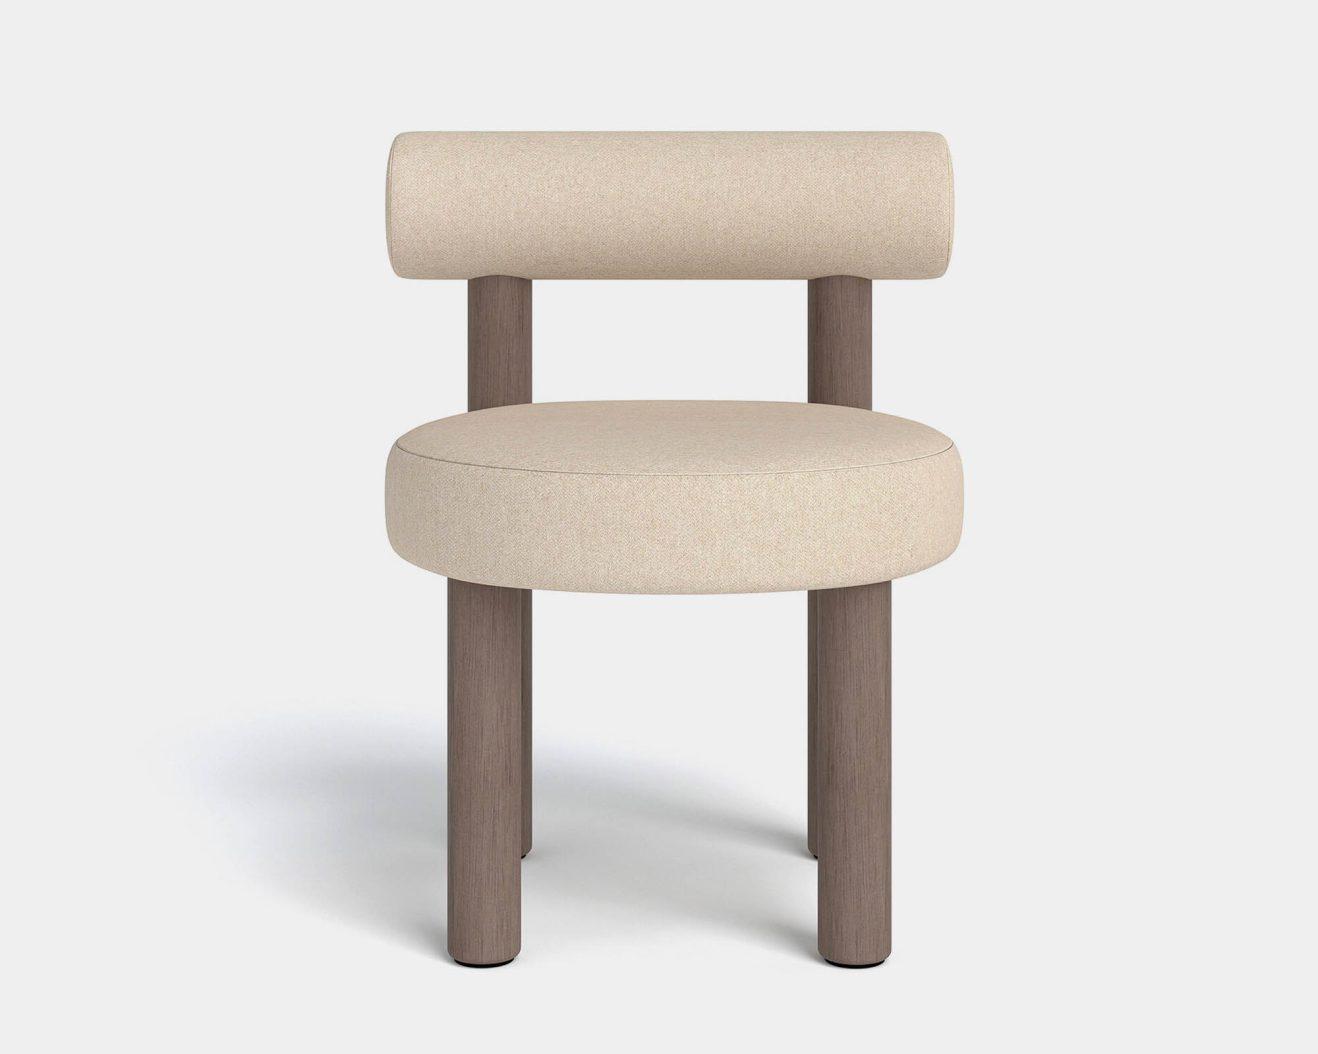 Noom-Gropious-Chair-CS2-2